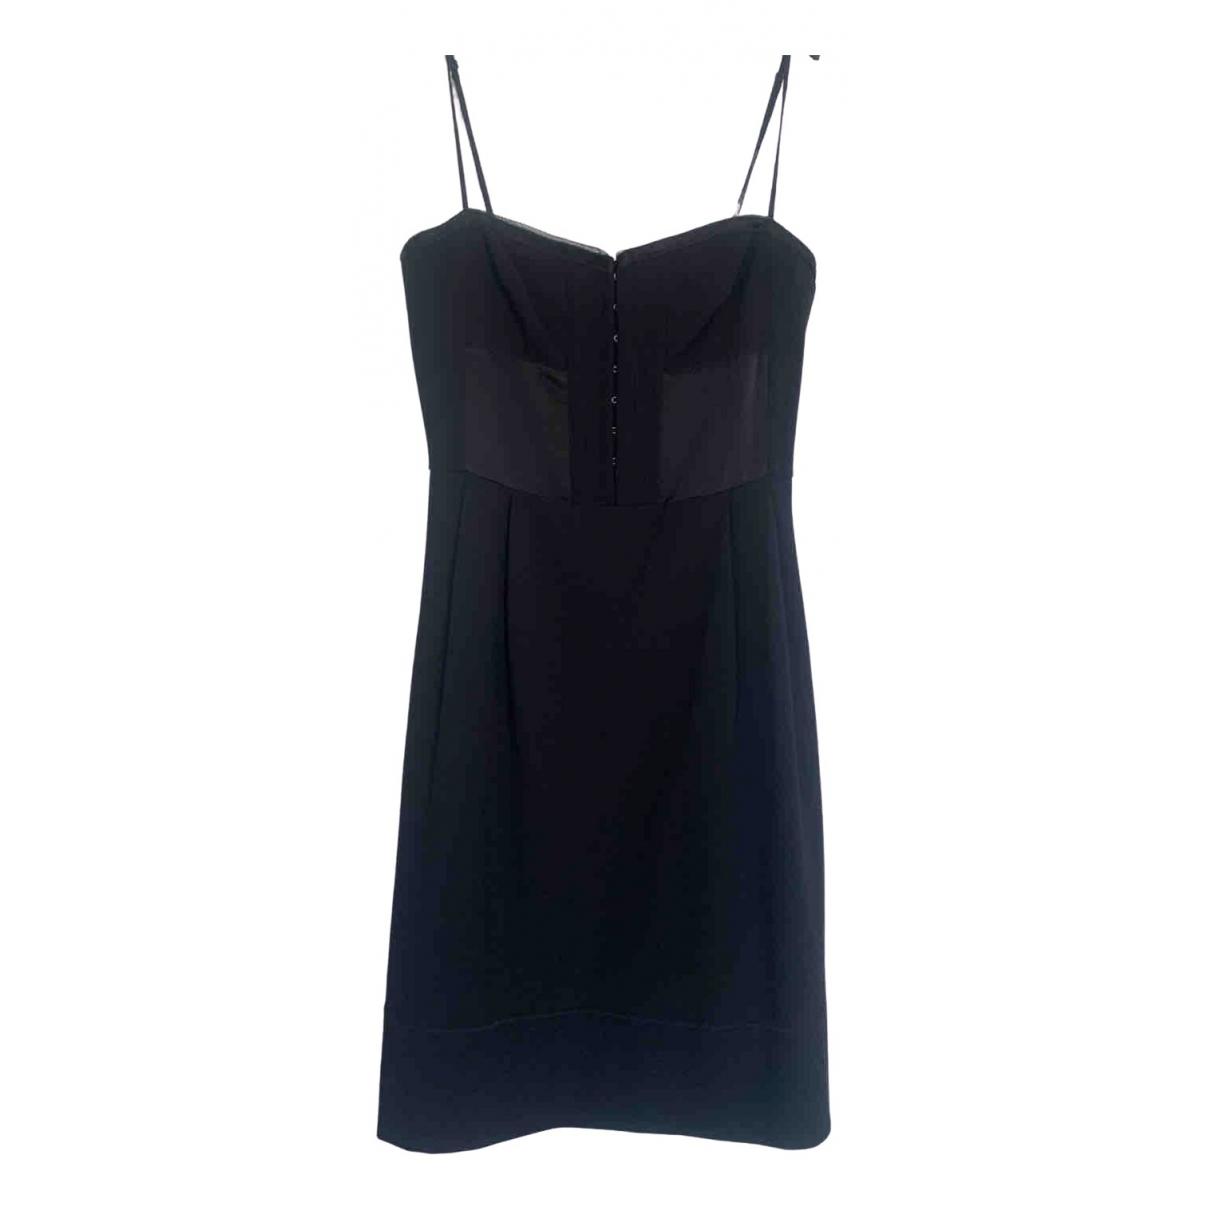 Dkny \N Kleid in  Schwarz Baumwolle - Elasthan